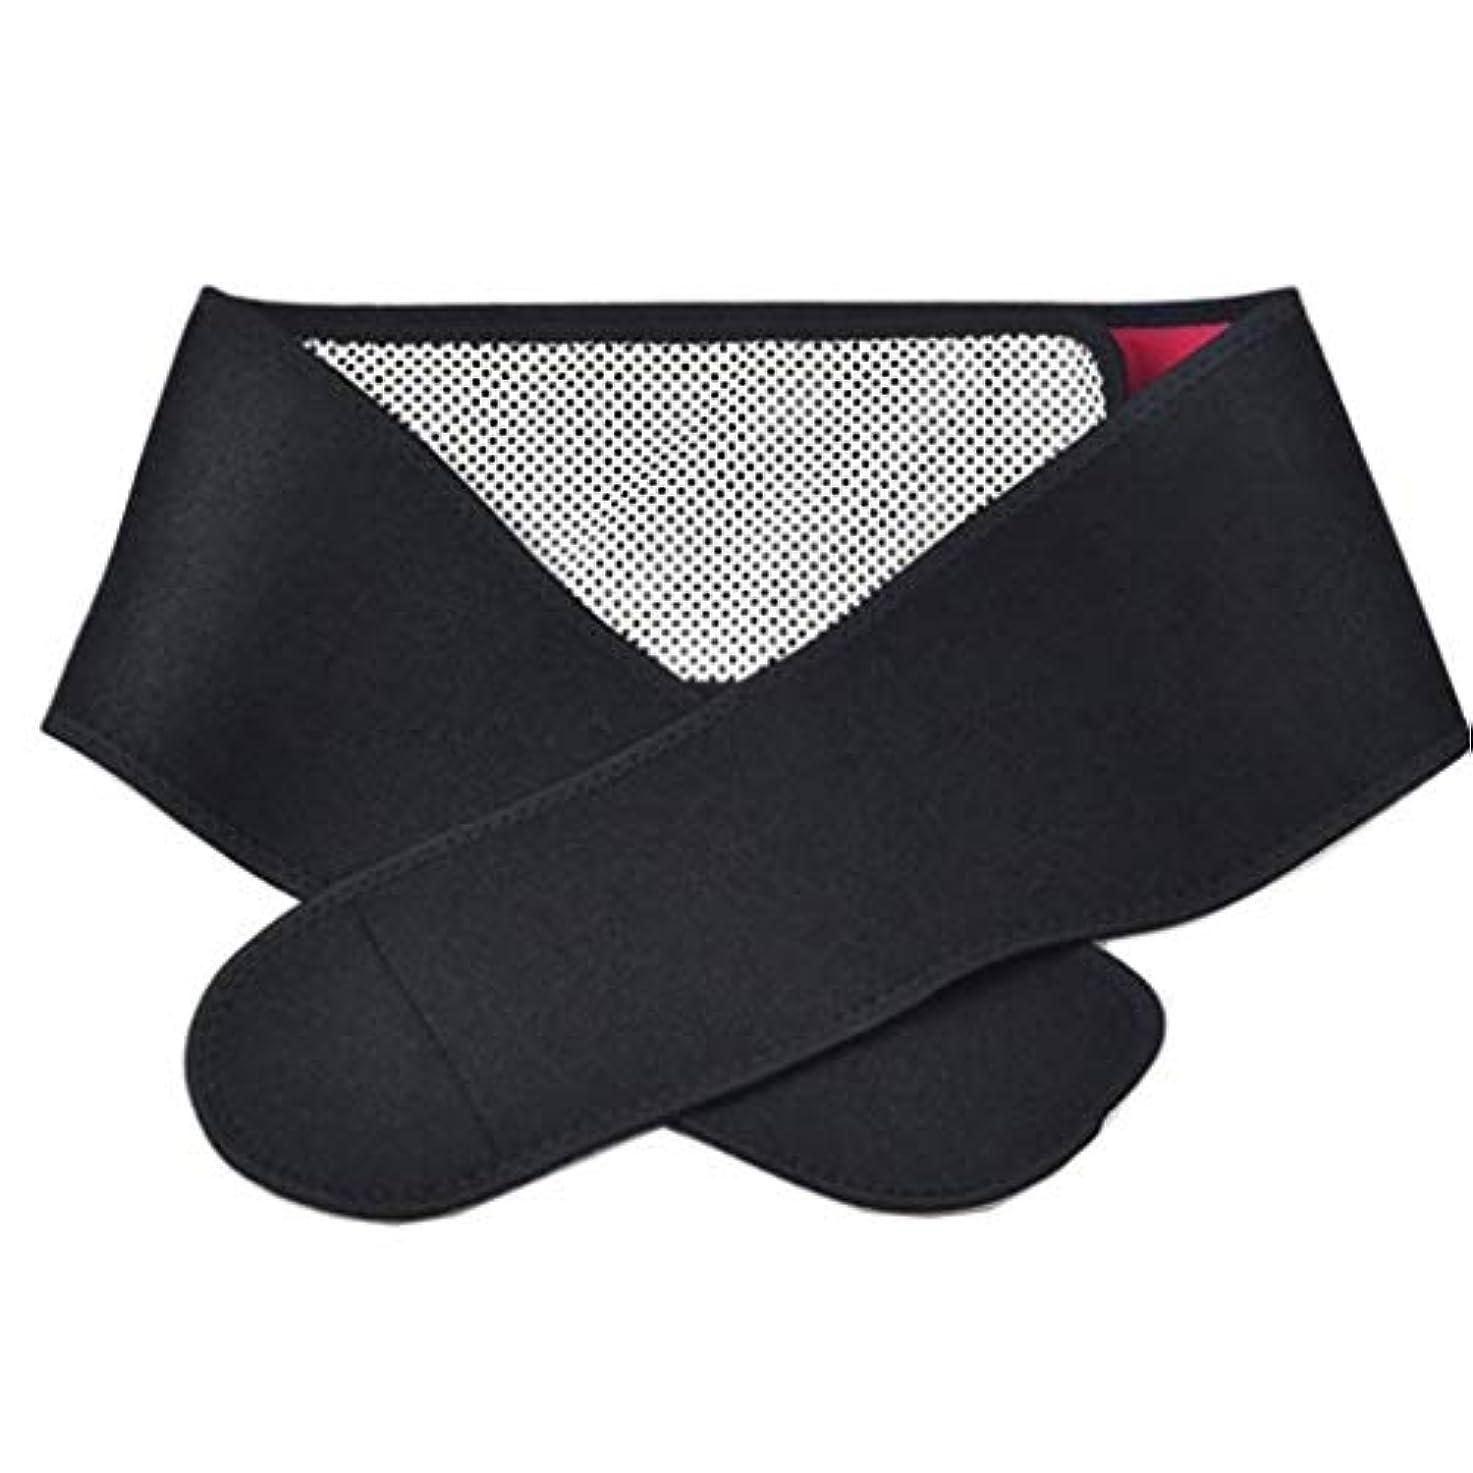 意義欺く何か腰部サポートマッサージャー、自己発熱ベルト、ポータブル調整可能、磁気療法温暖化、痛みの軽減、けがの防止